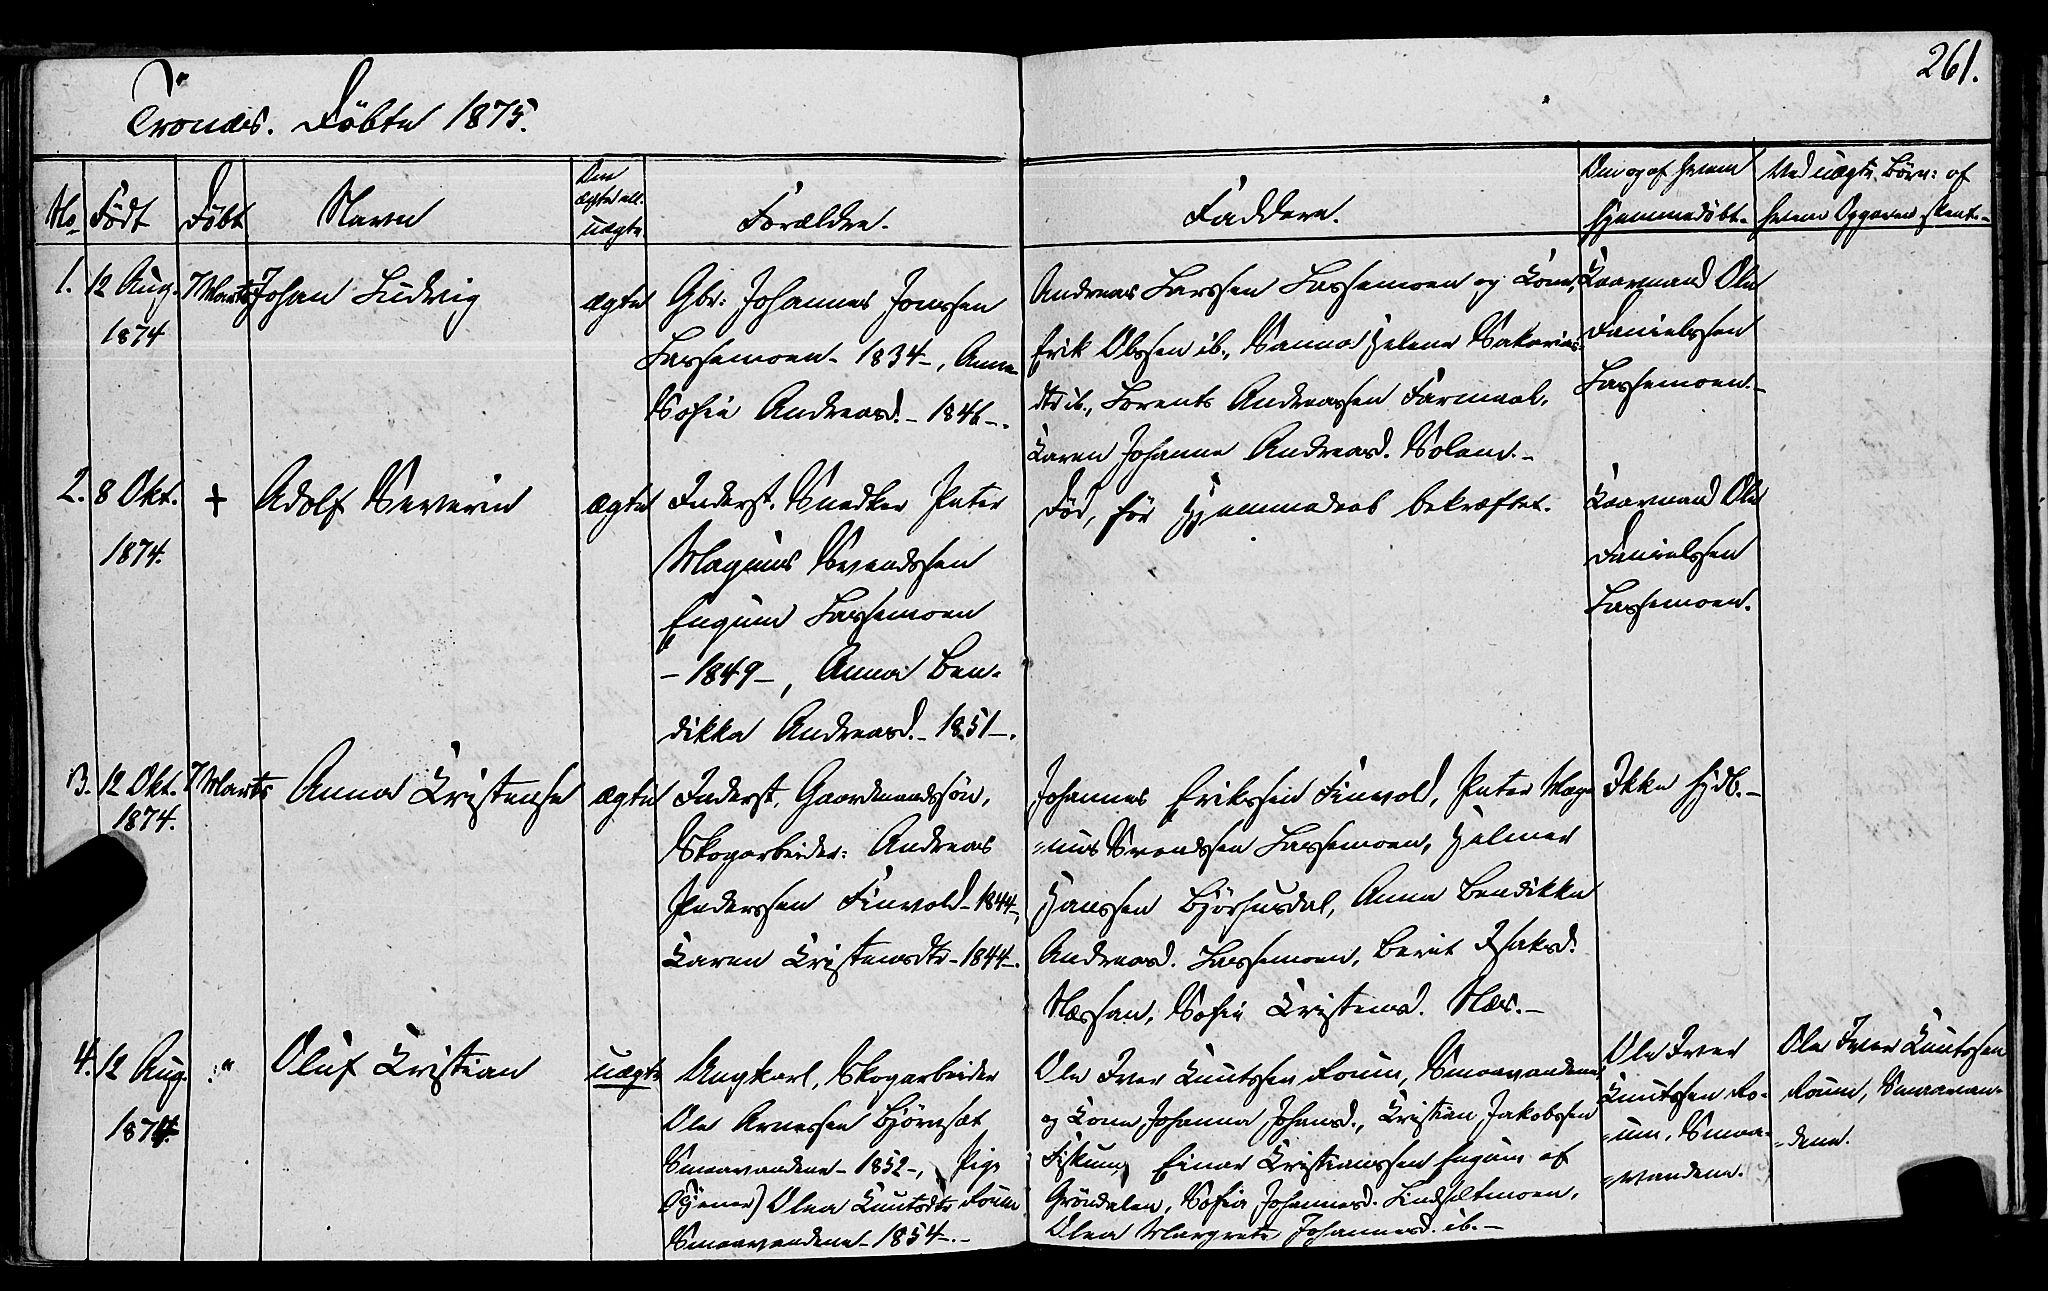 SAT, Ministerialprotokoller, klokkerbøker og fødselsregistre - Nord-Trøndelag, 762/L0538: Ministerialbok nr. 762A02 /2, 1833-1879, s. 261